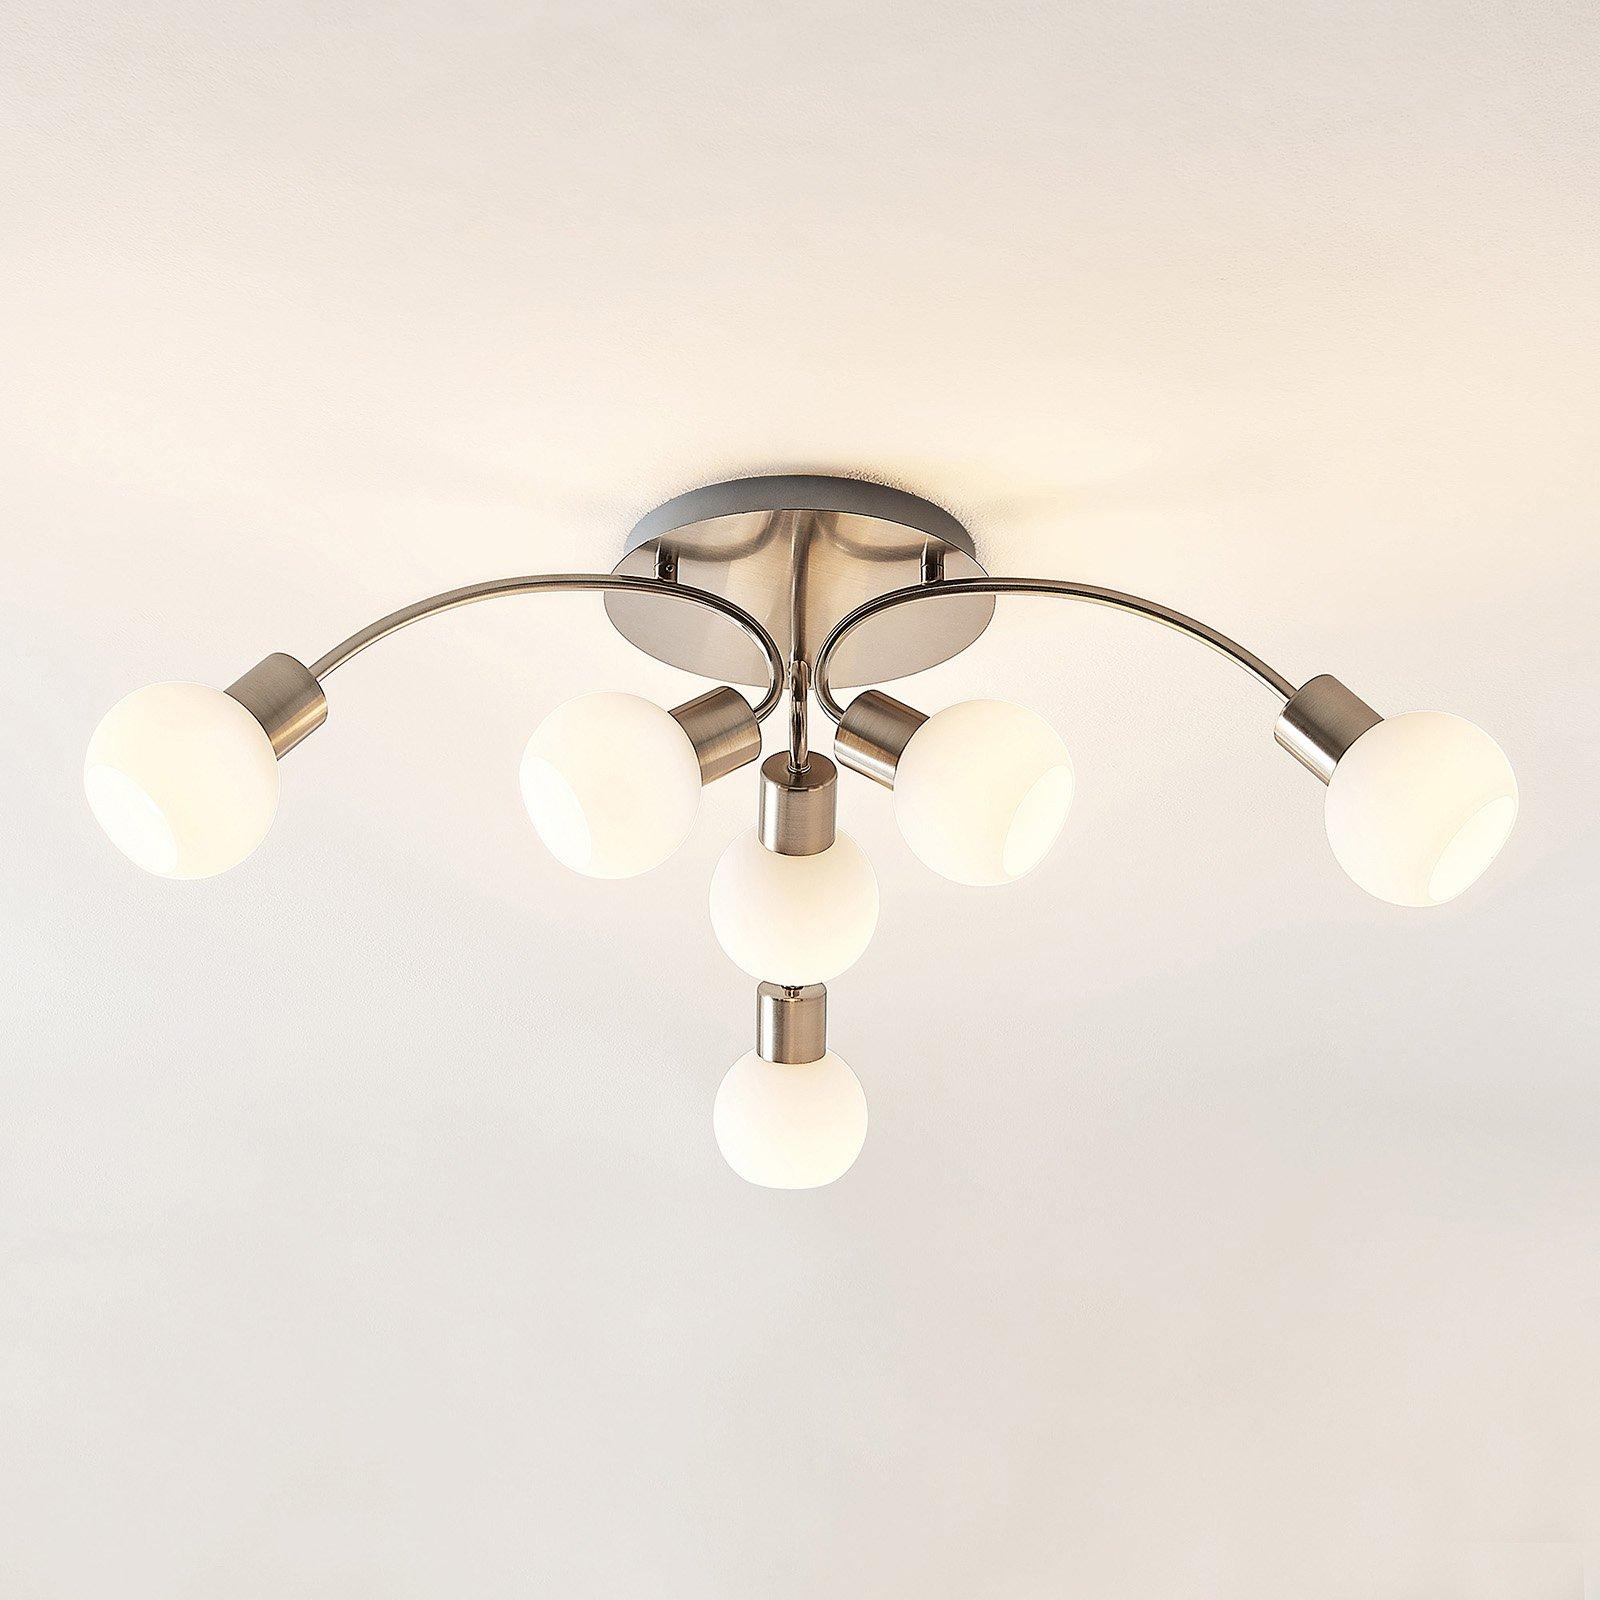 Lindby Tancerdi LED-taklampe i nikkel